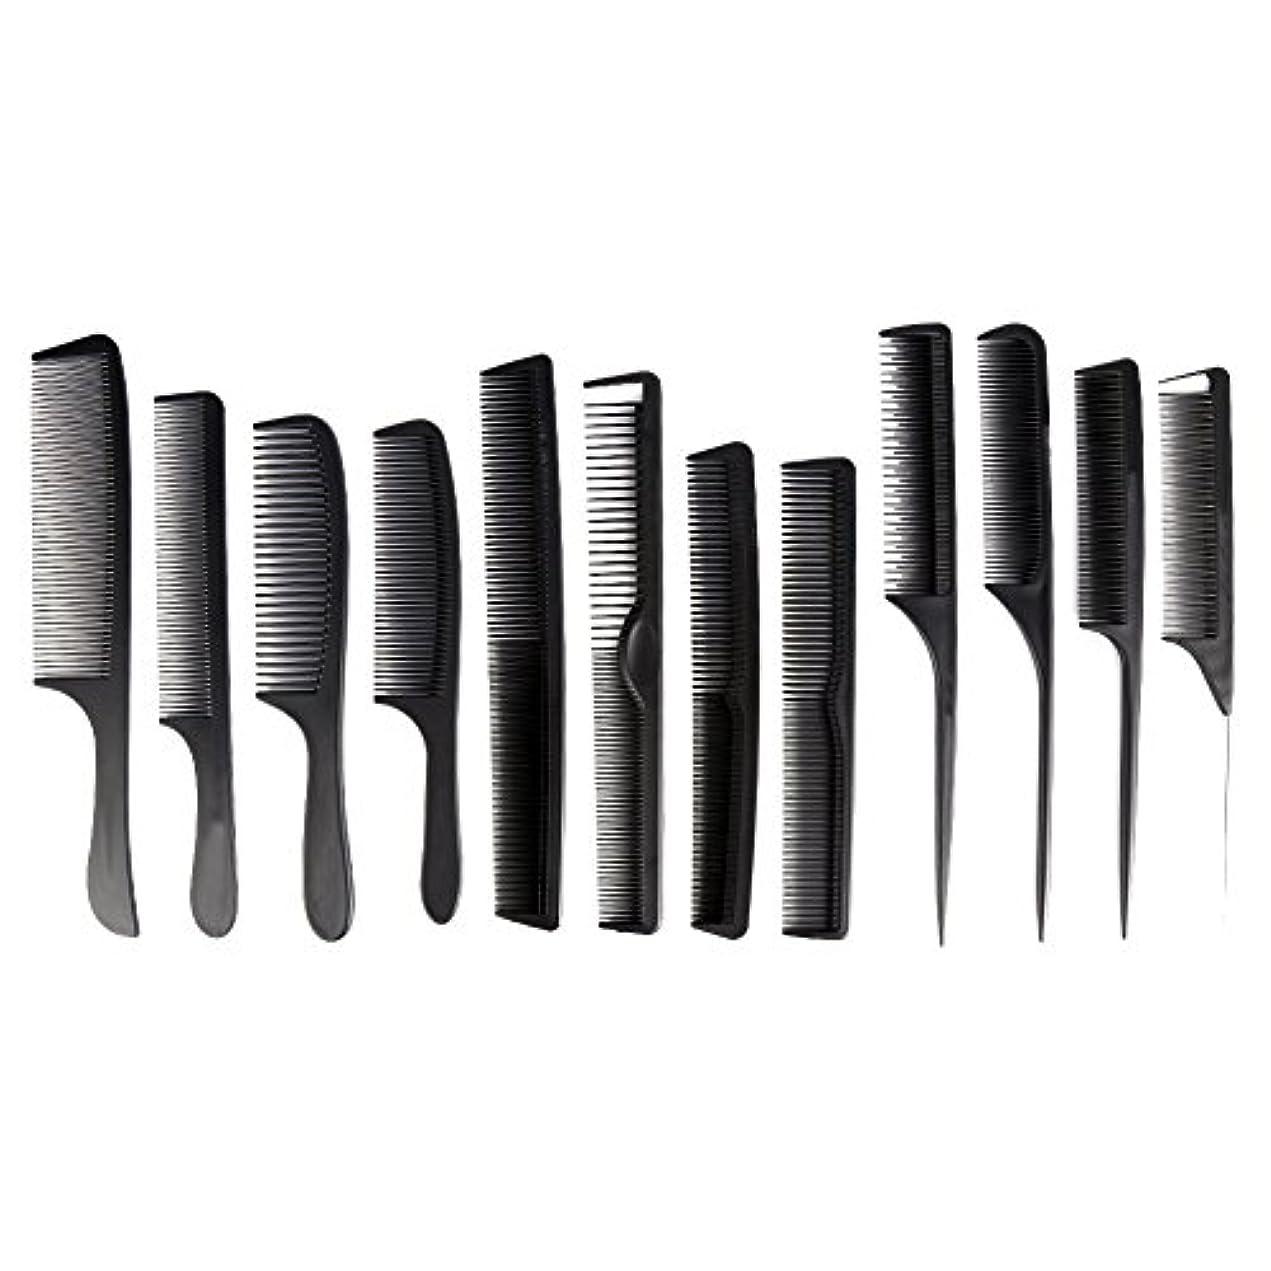 菊フェザーアジアカットコーム 散髪用コーム コームセット12点セット プロ用ヘアコーム  静電気減少 軽量 サロン/美容室/床屋など適用